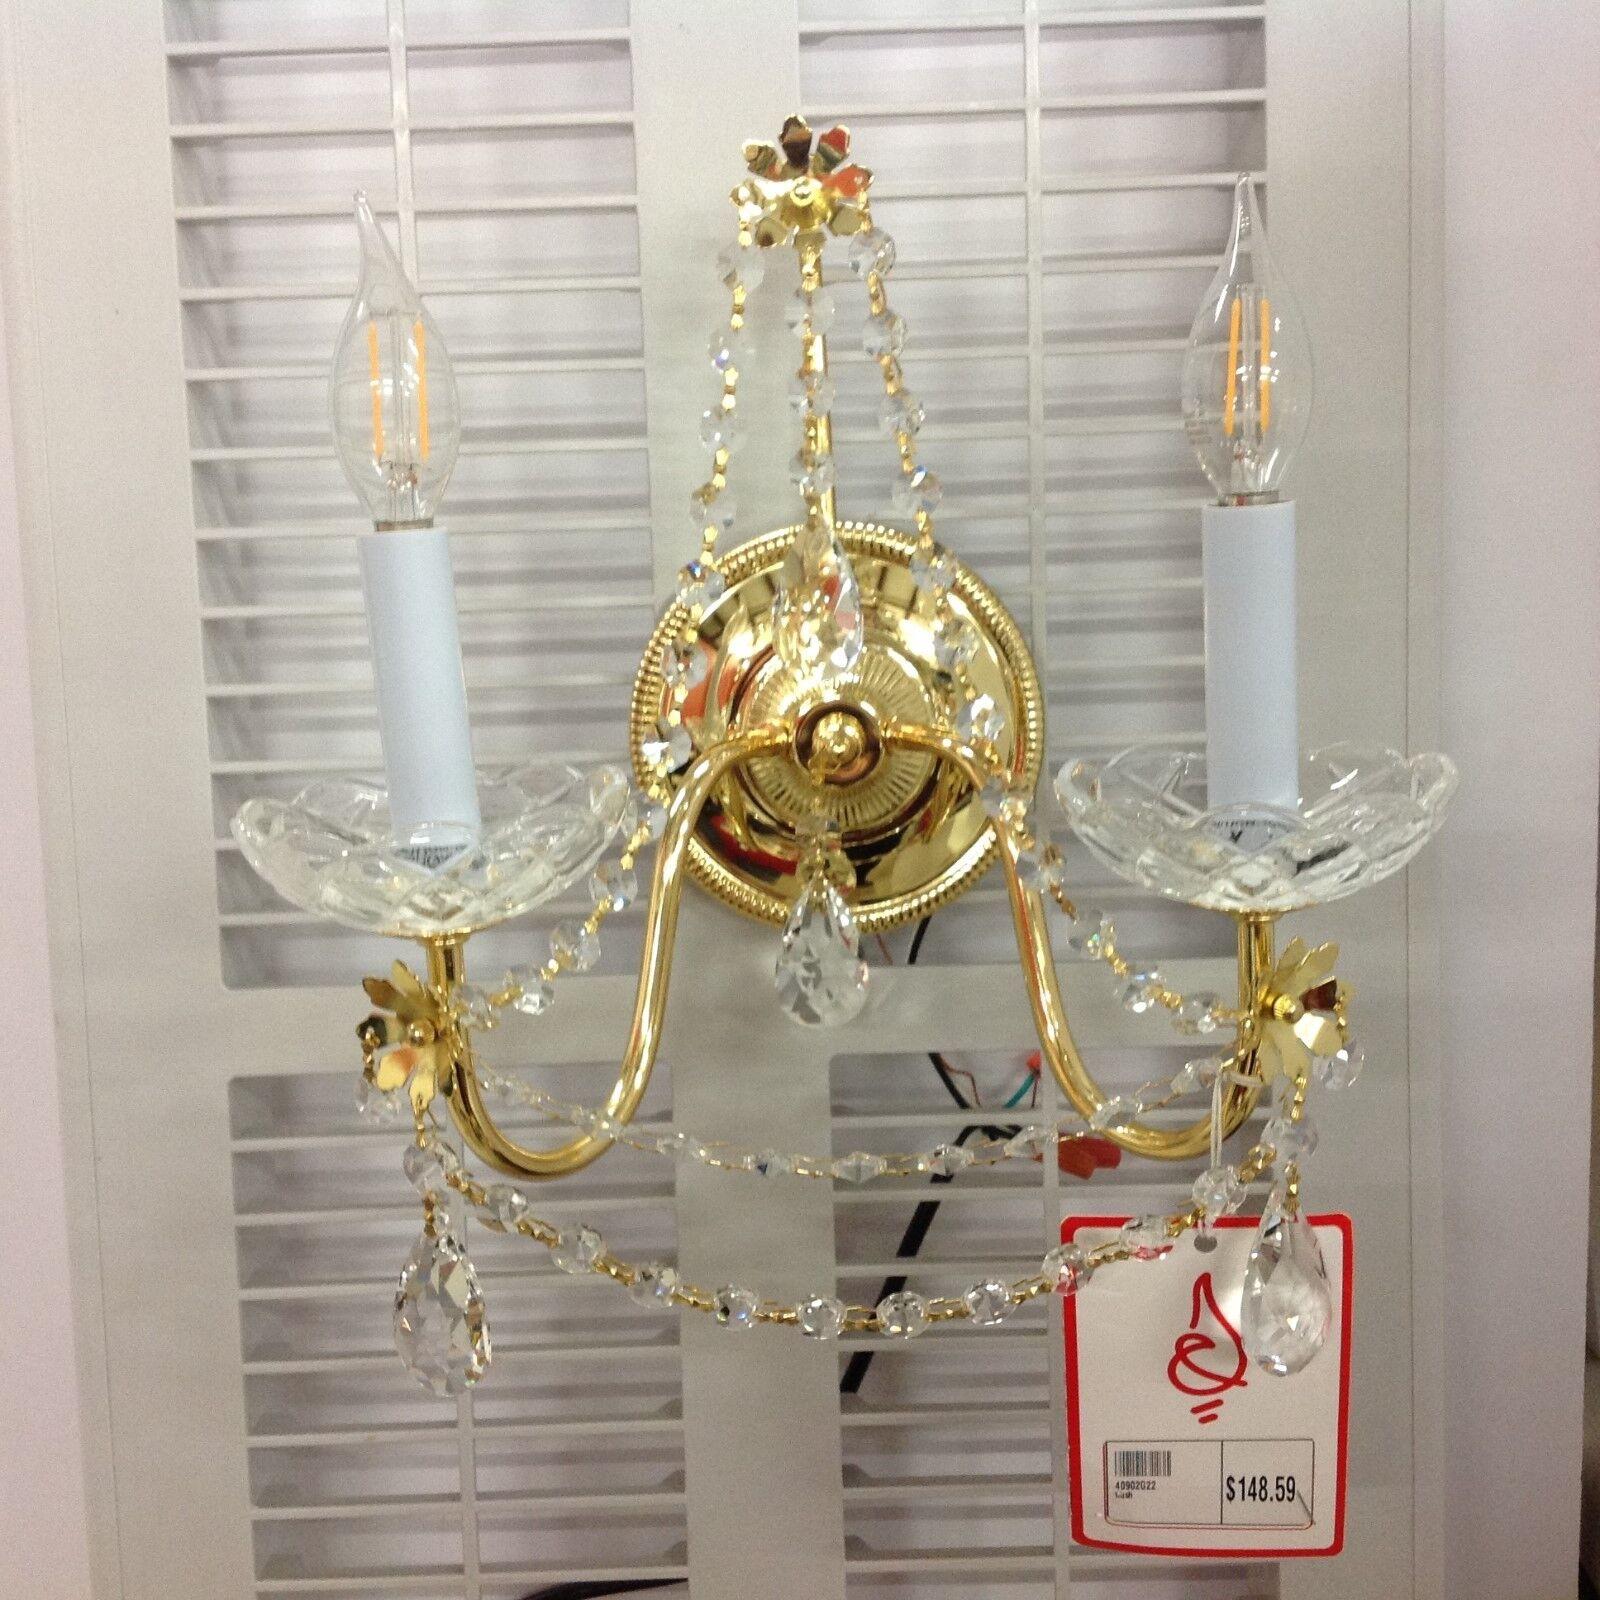 James R Candelabro Moder 40902G22 Regalia 2 Luz Cristal Candelabro R de Pared en Dorado 936325